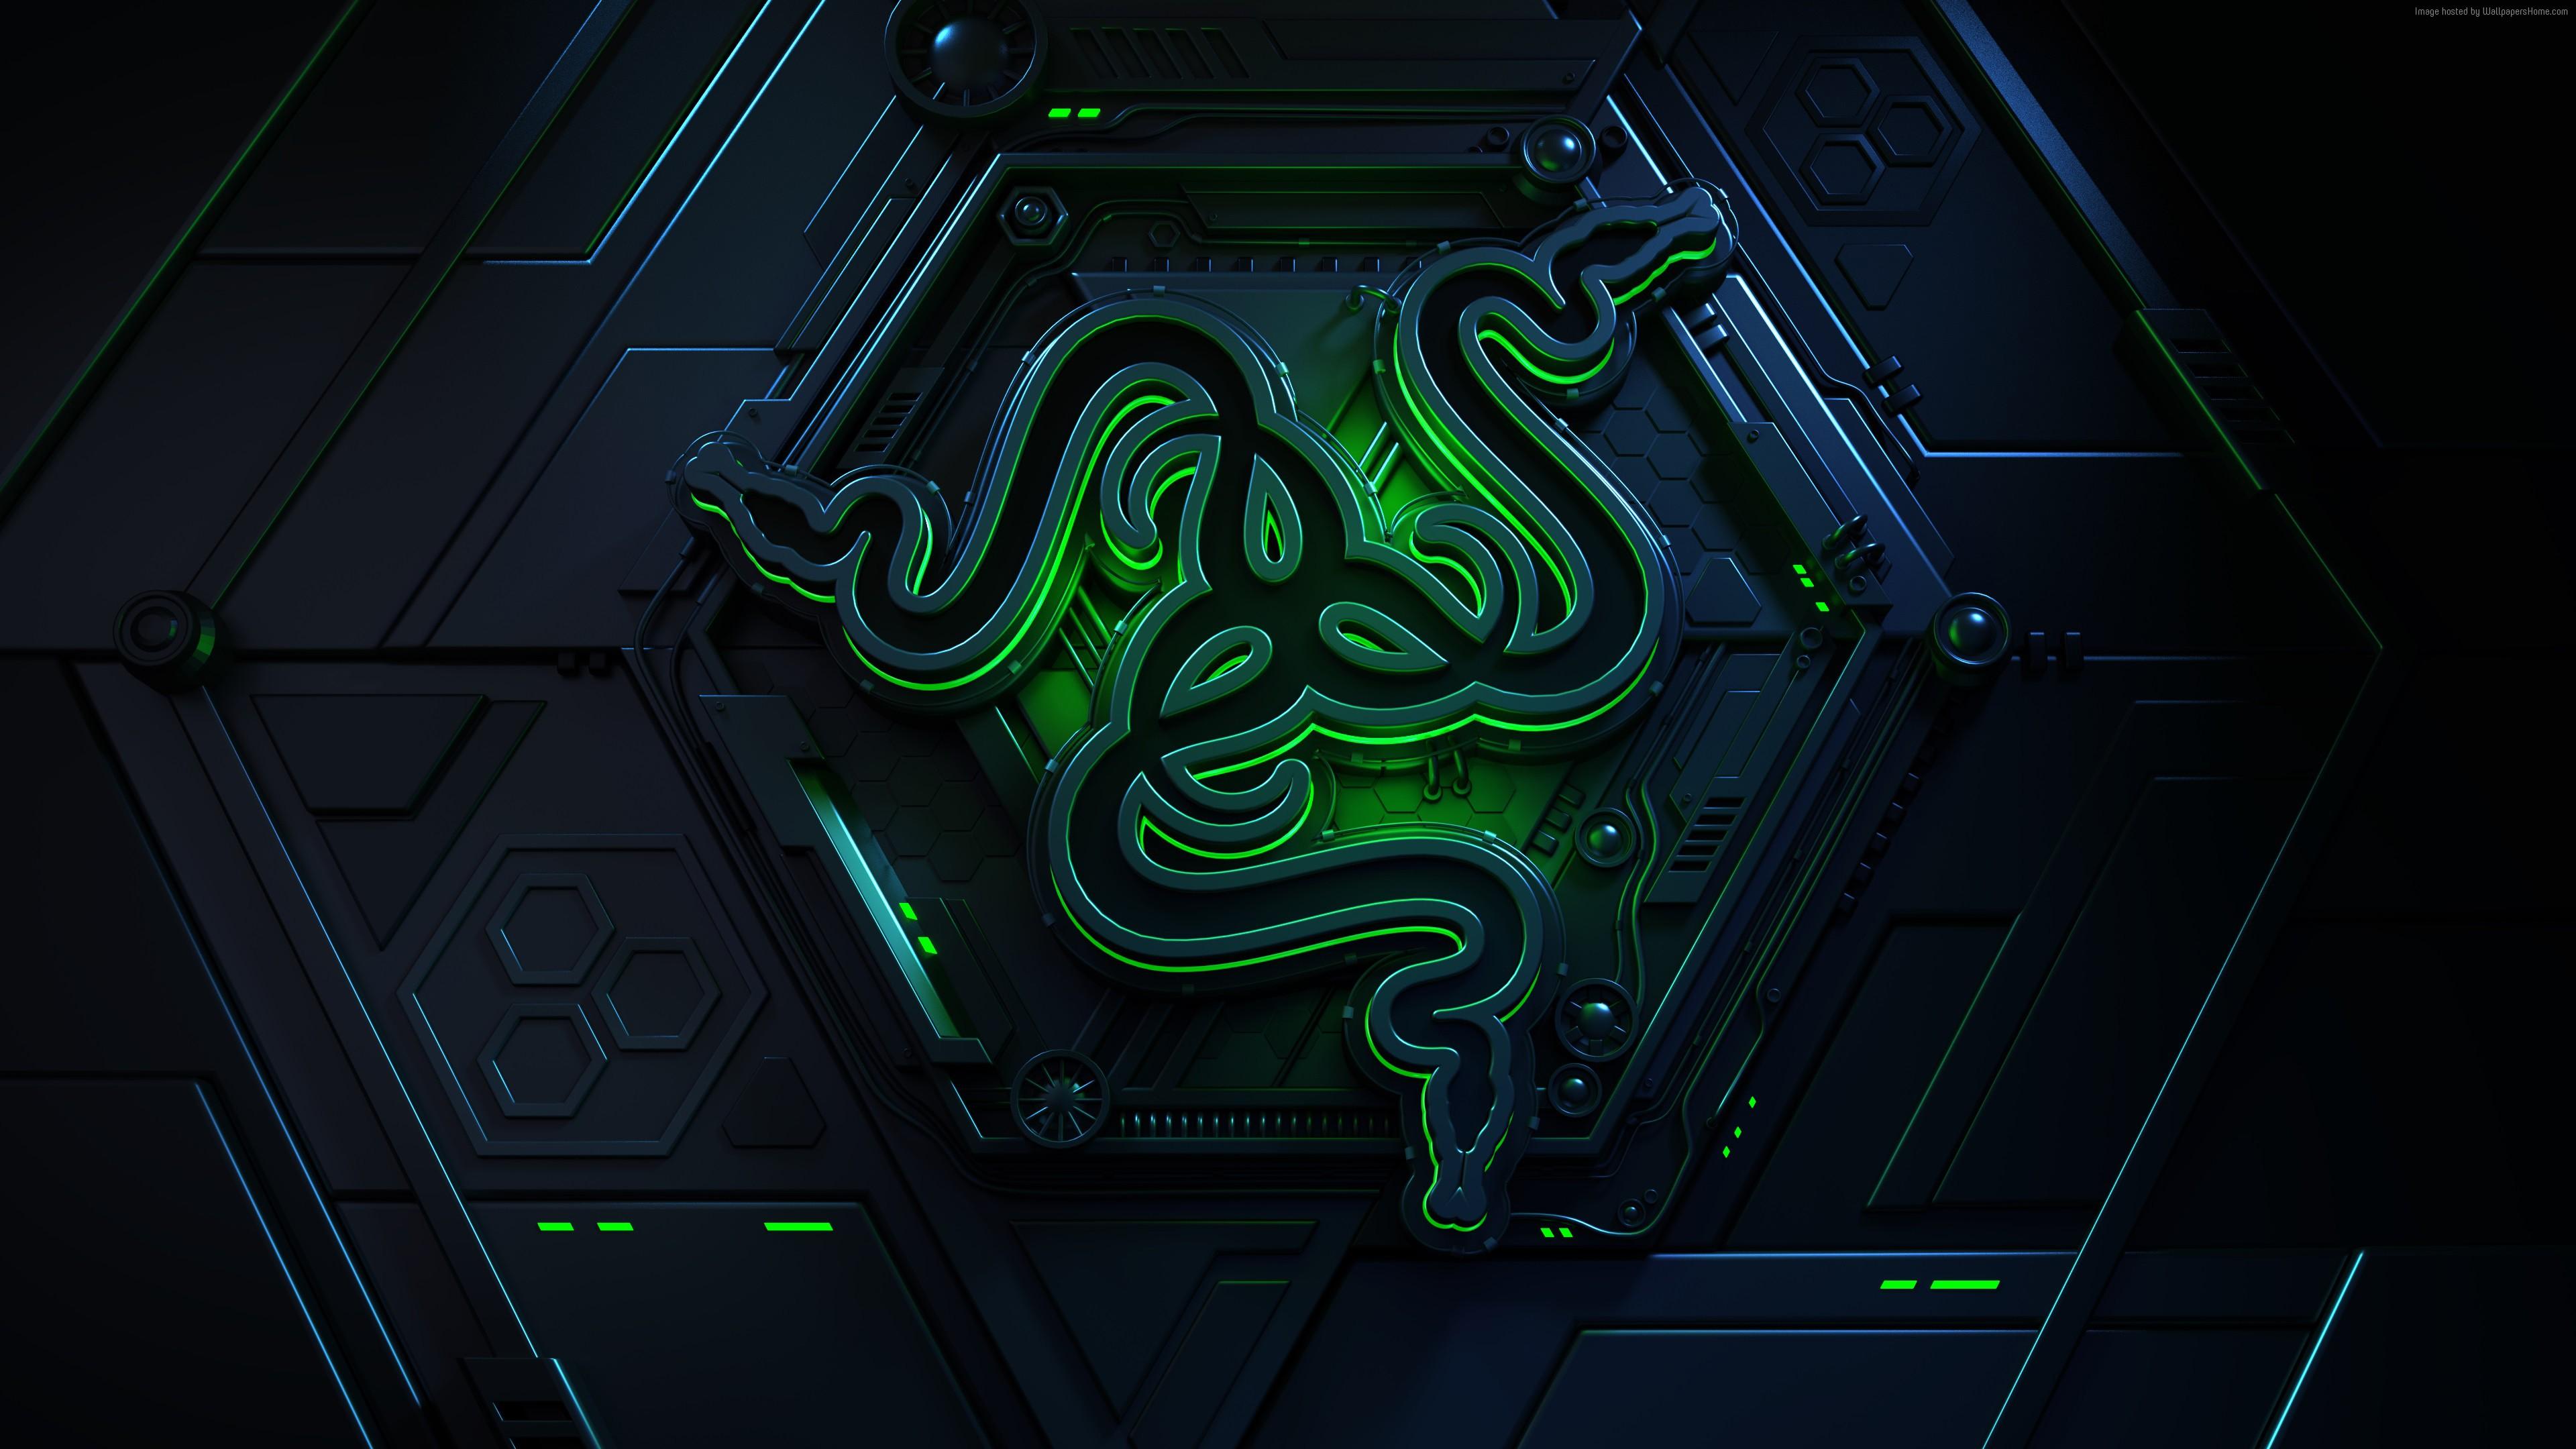 Wallpaper Razer, logo, 4K, Hi-Tech